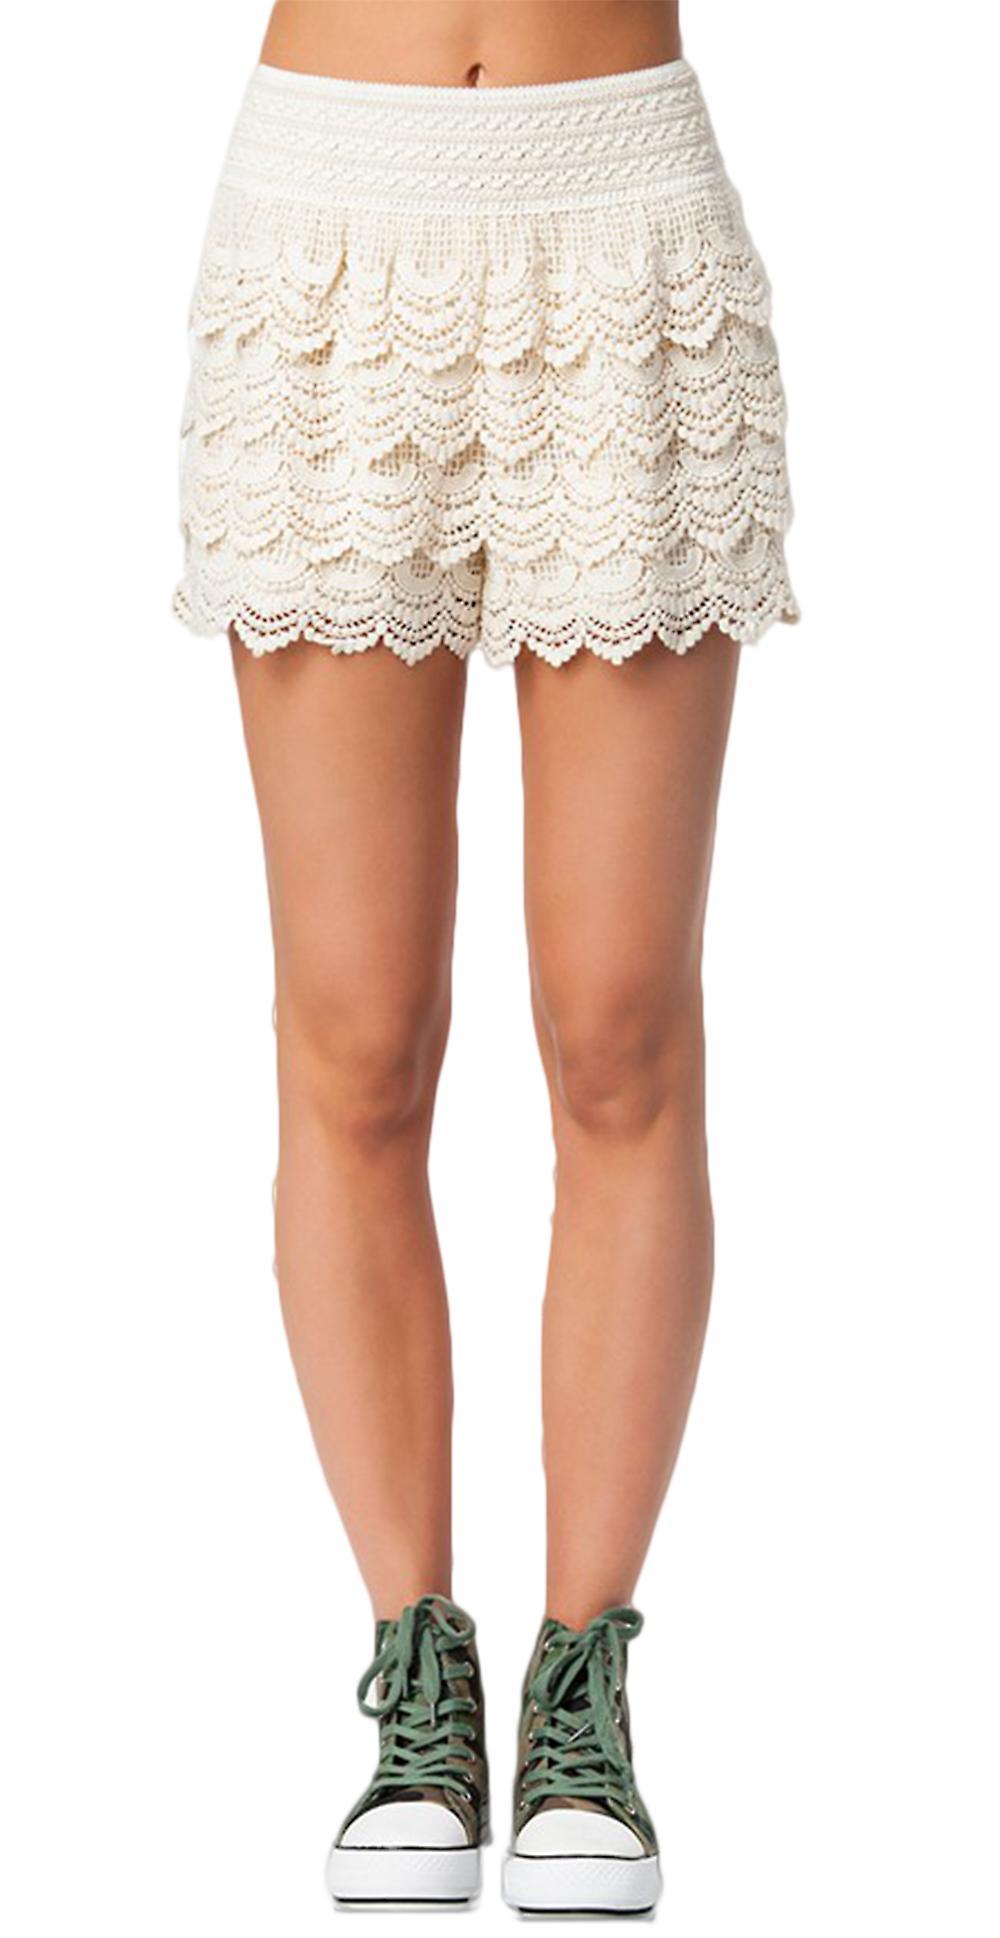 Waooh - Short Lace Simolt